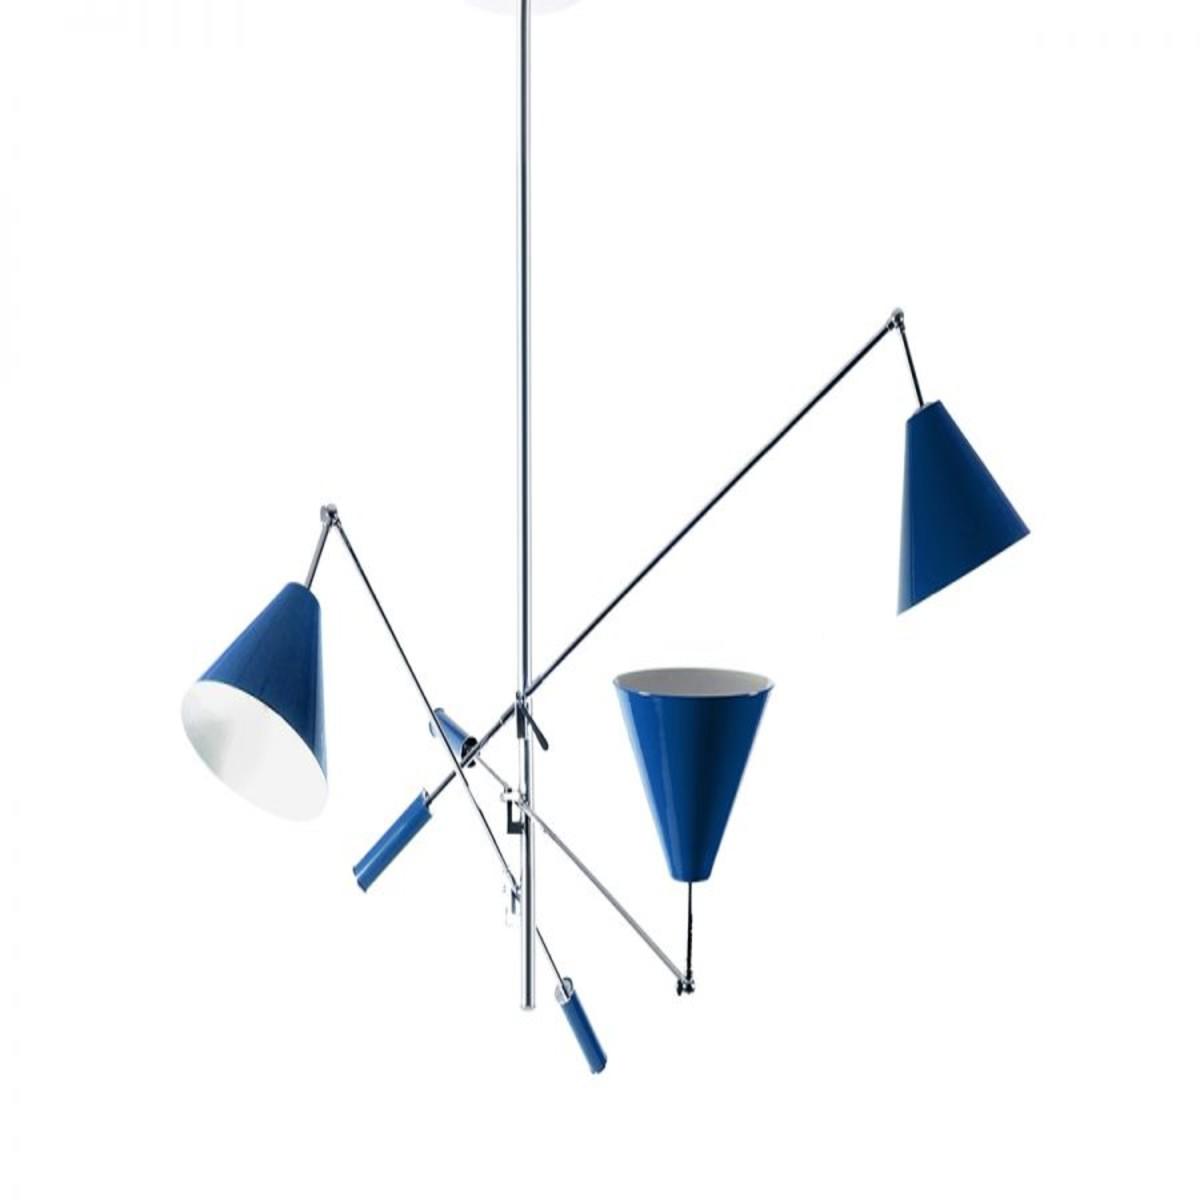 SINATRA SUSPENSION LAMP